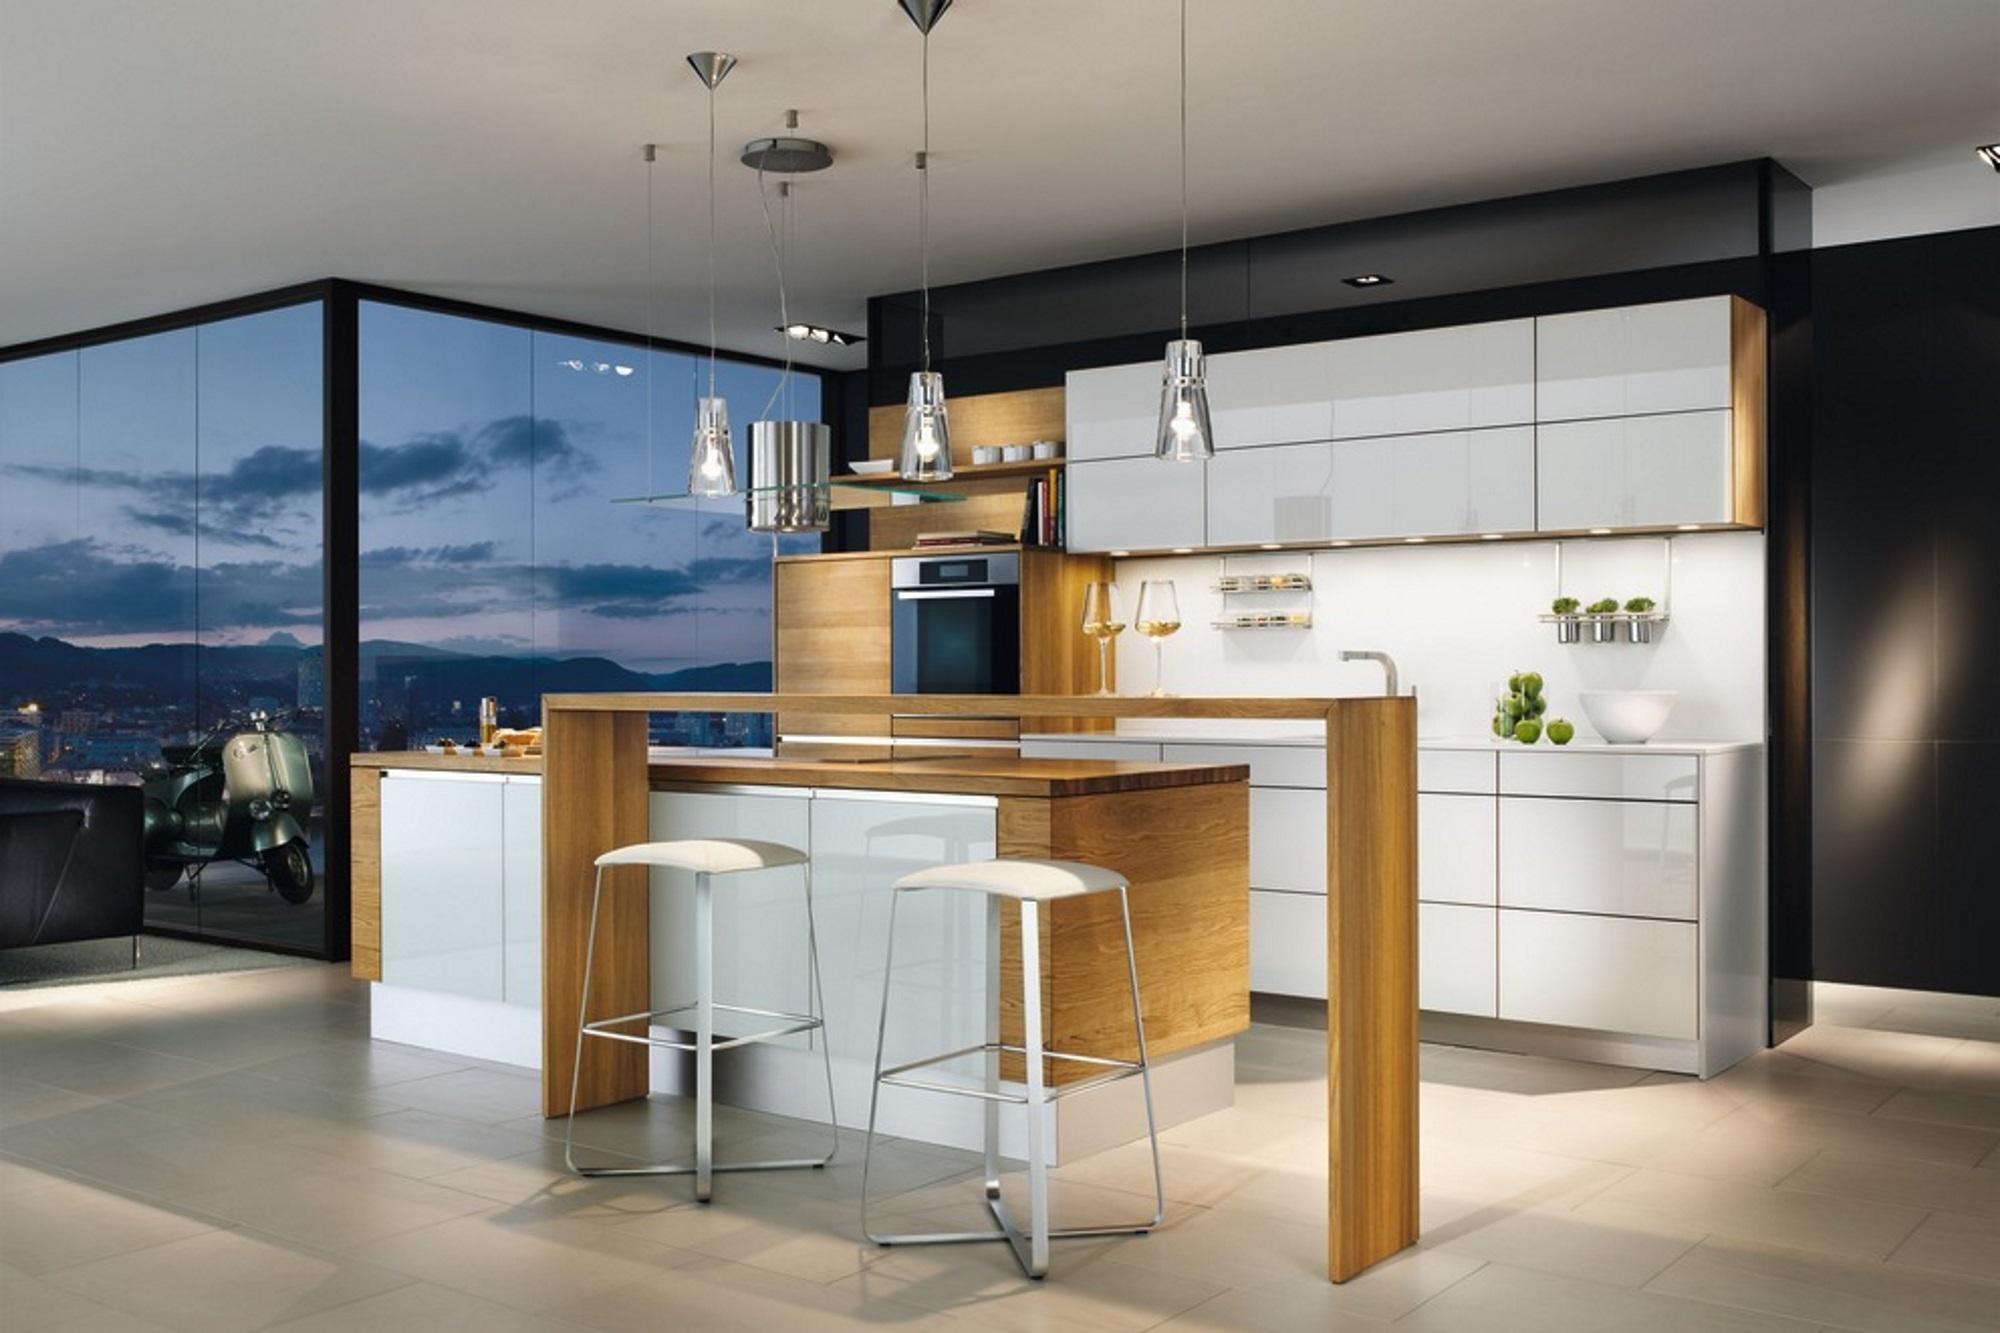 Küche linee in weiss - Biomöbel Bonn